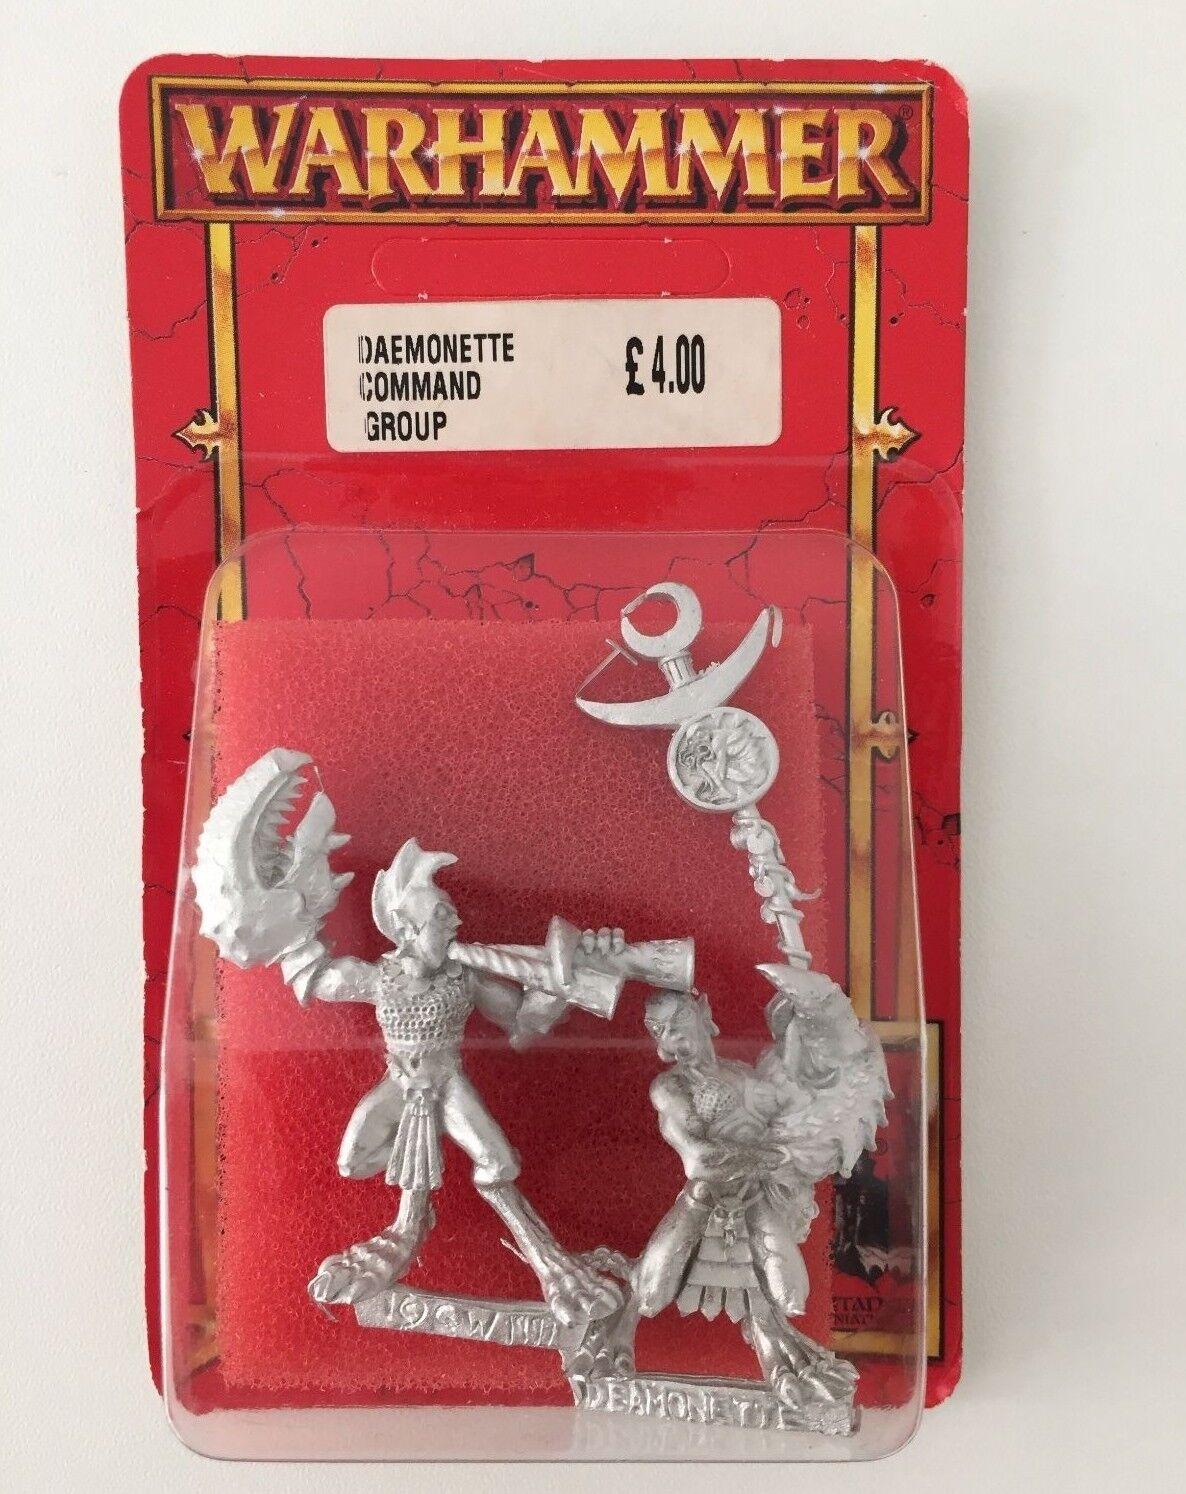 WARHAMMER CHAOS DAEMONETTE COMMAND GROUP SLAANESH METAL OOP (RED 594)